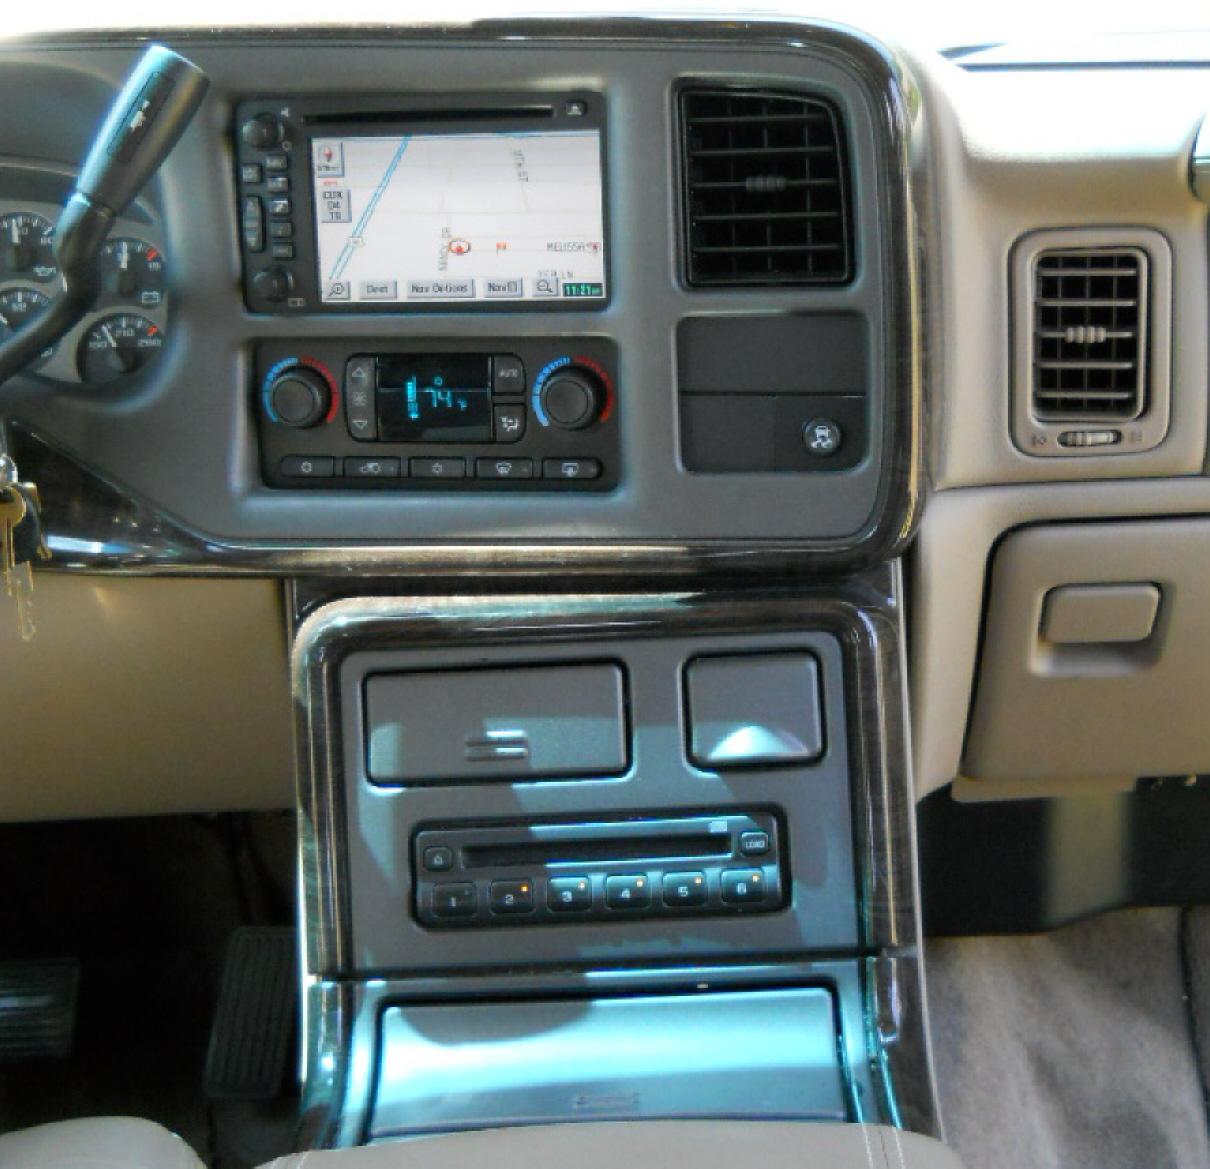 2005 Gmc Yukon Xl 1500 Interior: 2005 GMC Yukon